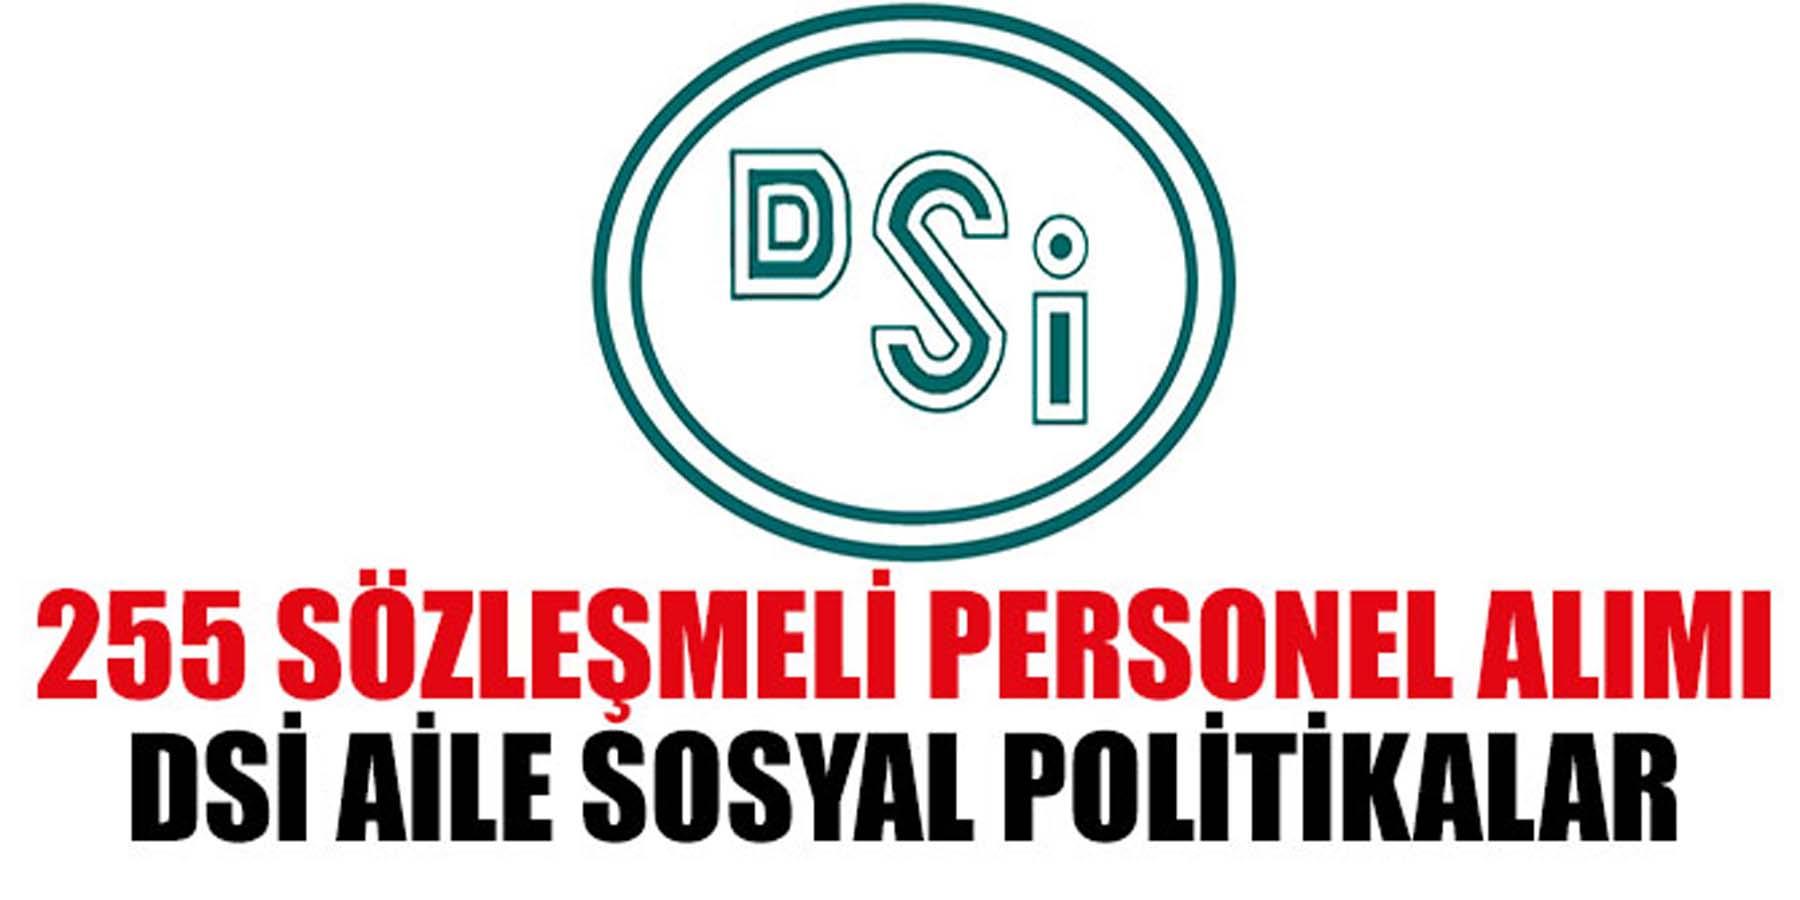 DSİ ve Aile Sosyal Politikalar 255 Sözleşmeli Personel Alımı